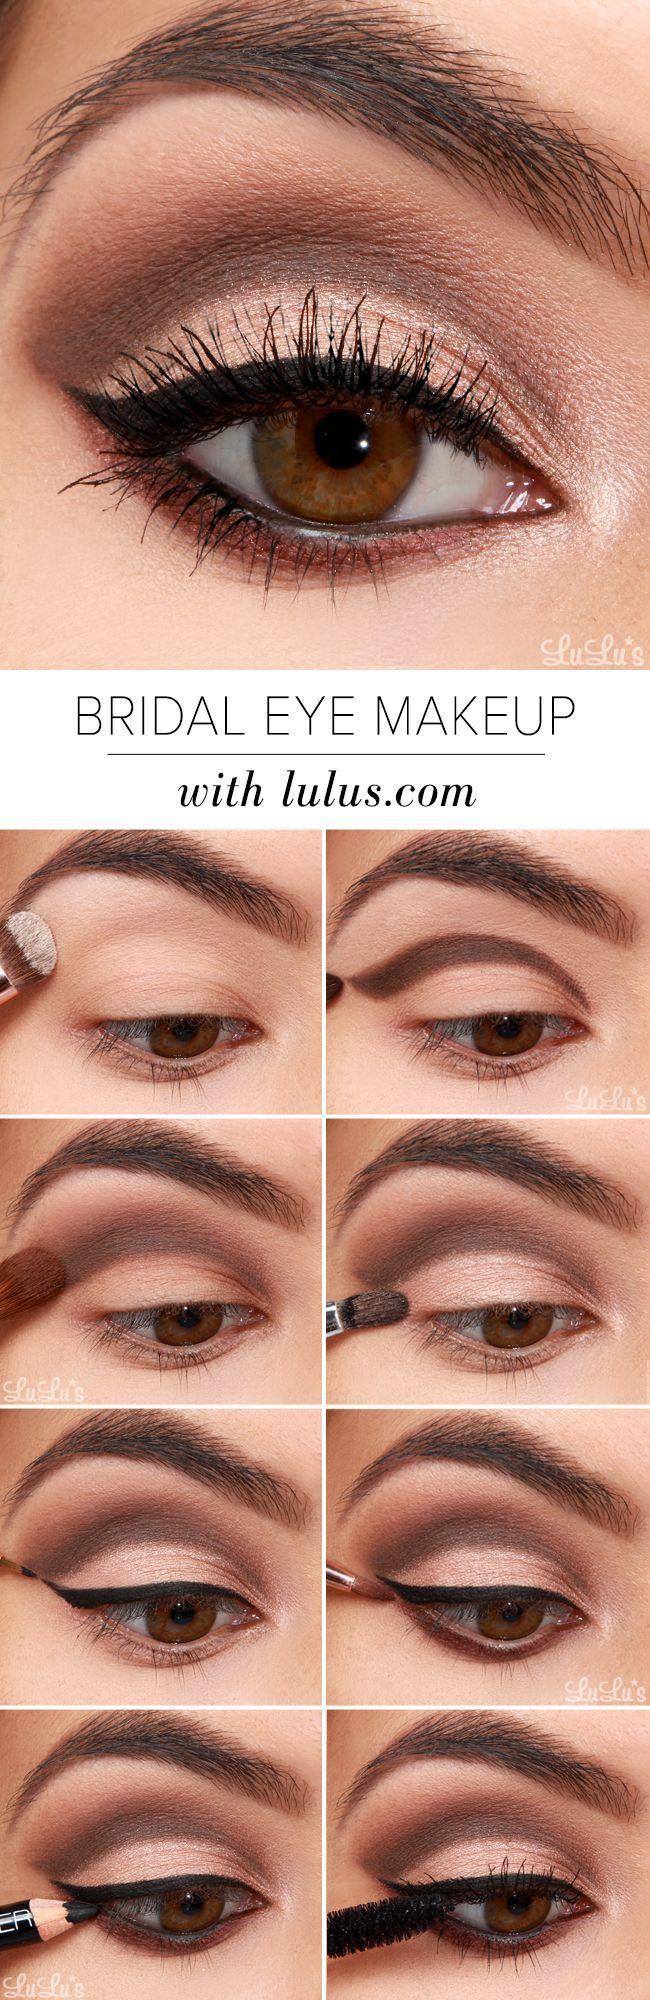 17 super basic eye makeup ideas for beginners | makeup